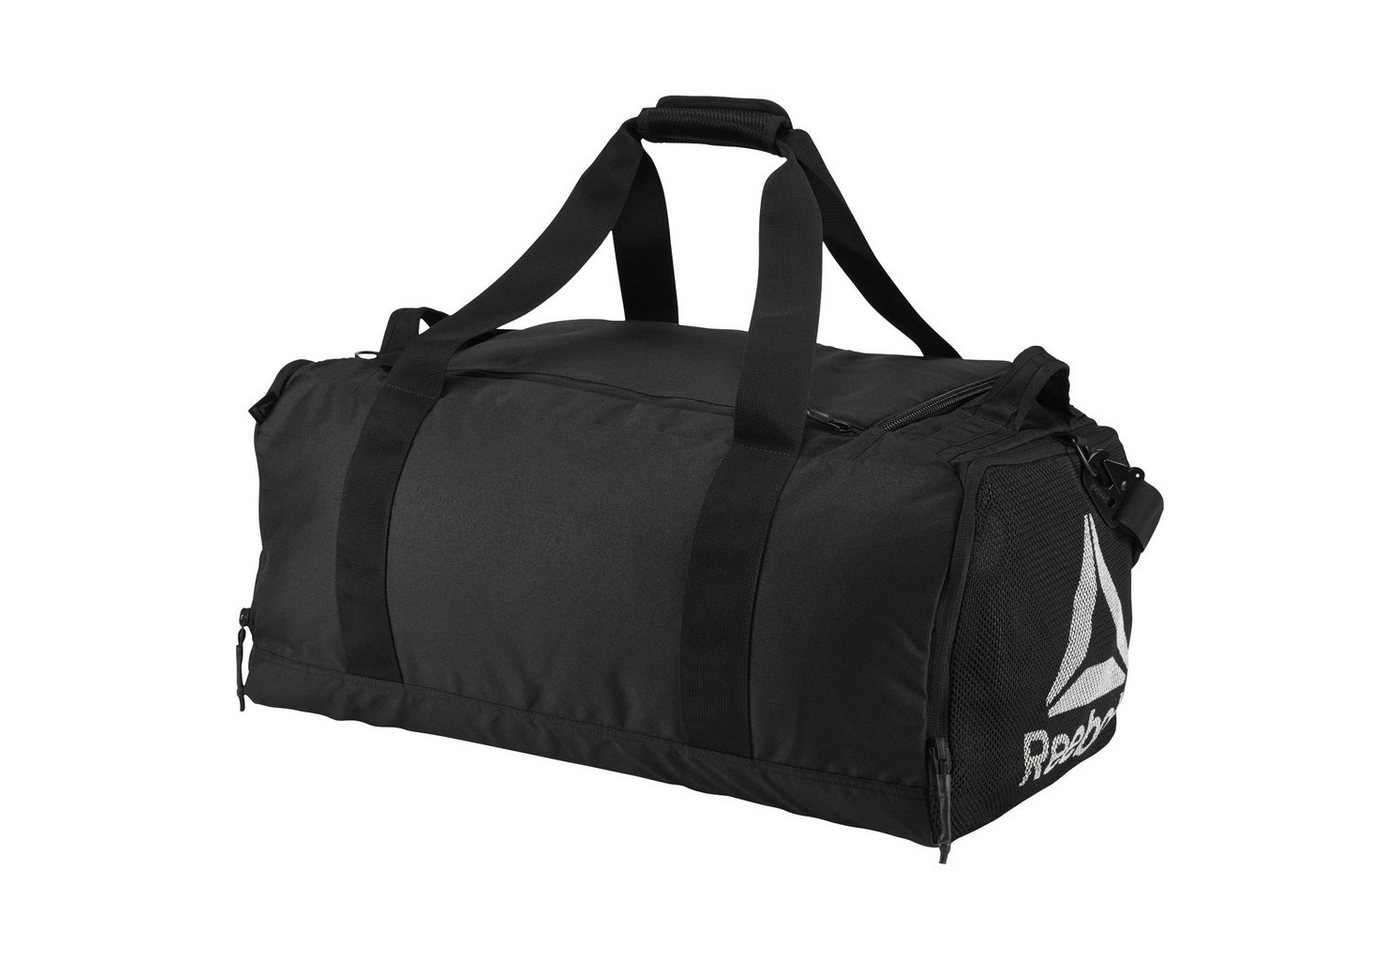 Reebok Sporttasche »UFC Grip Bag«